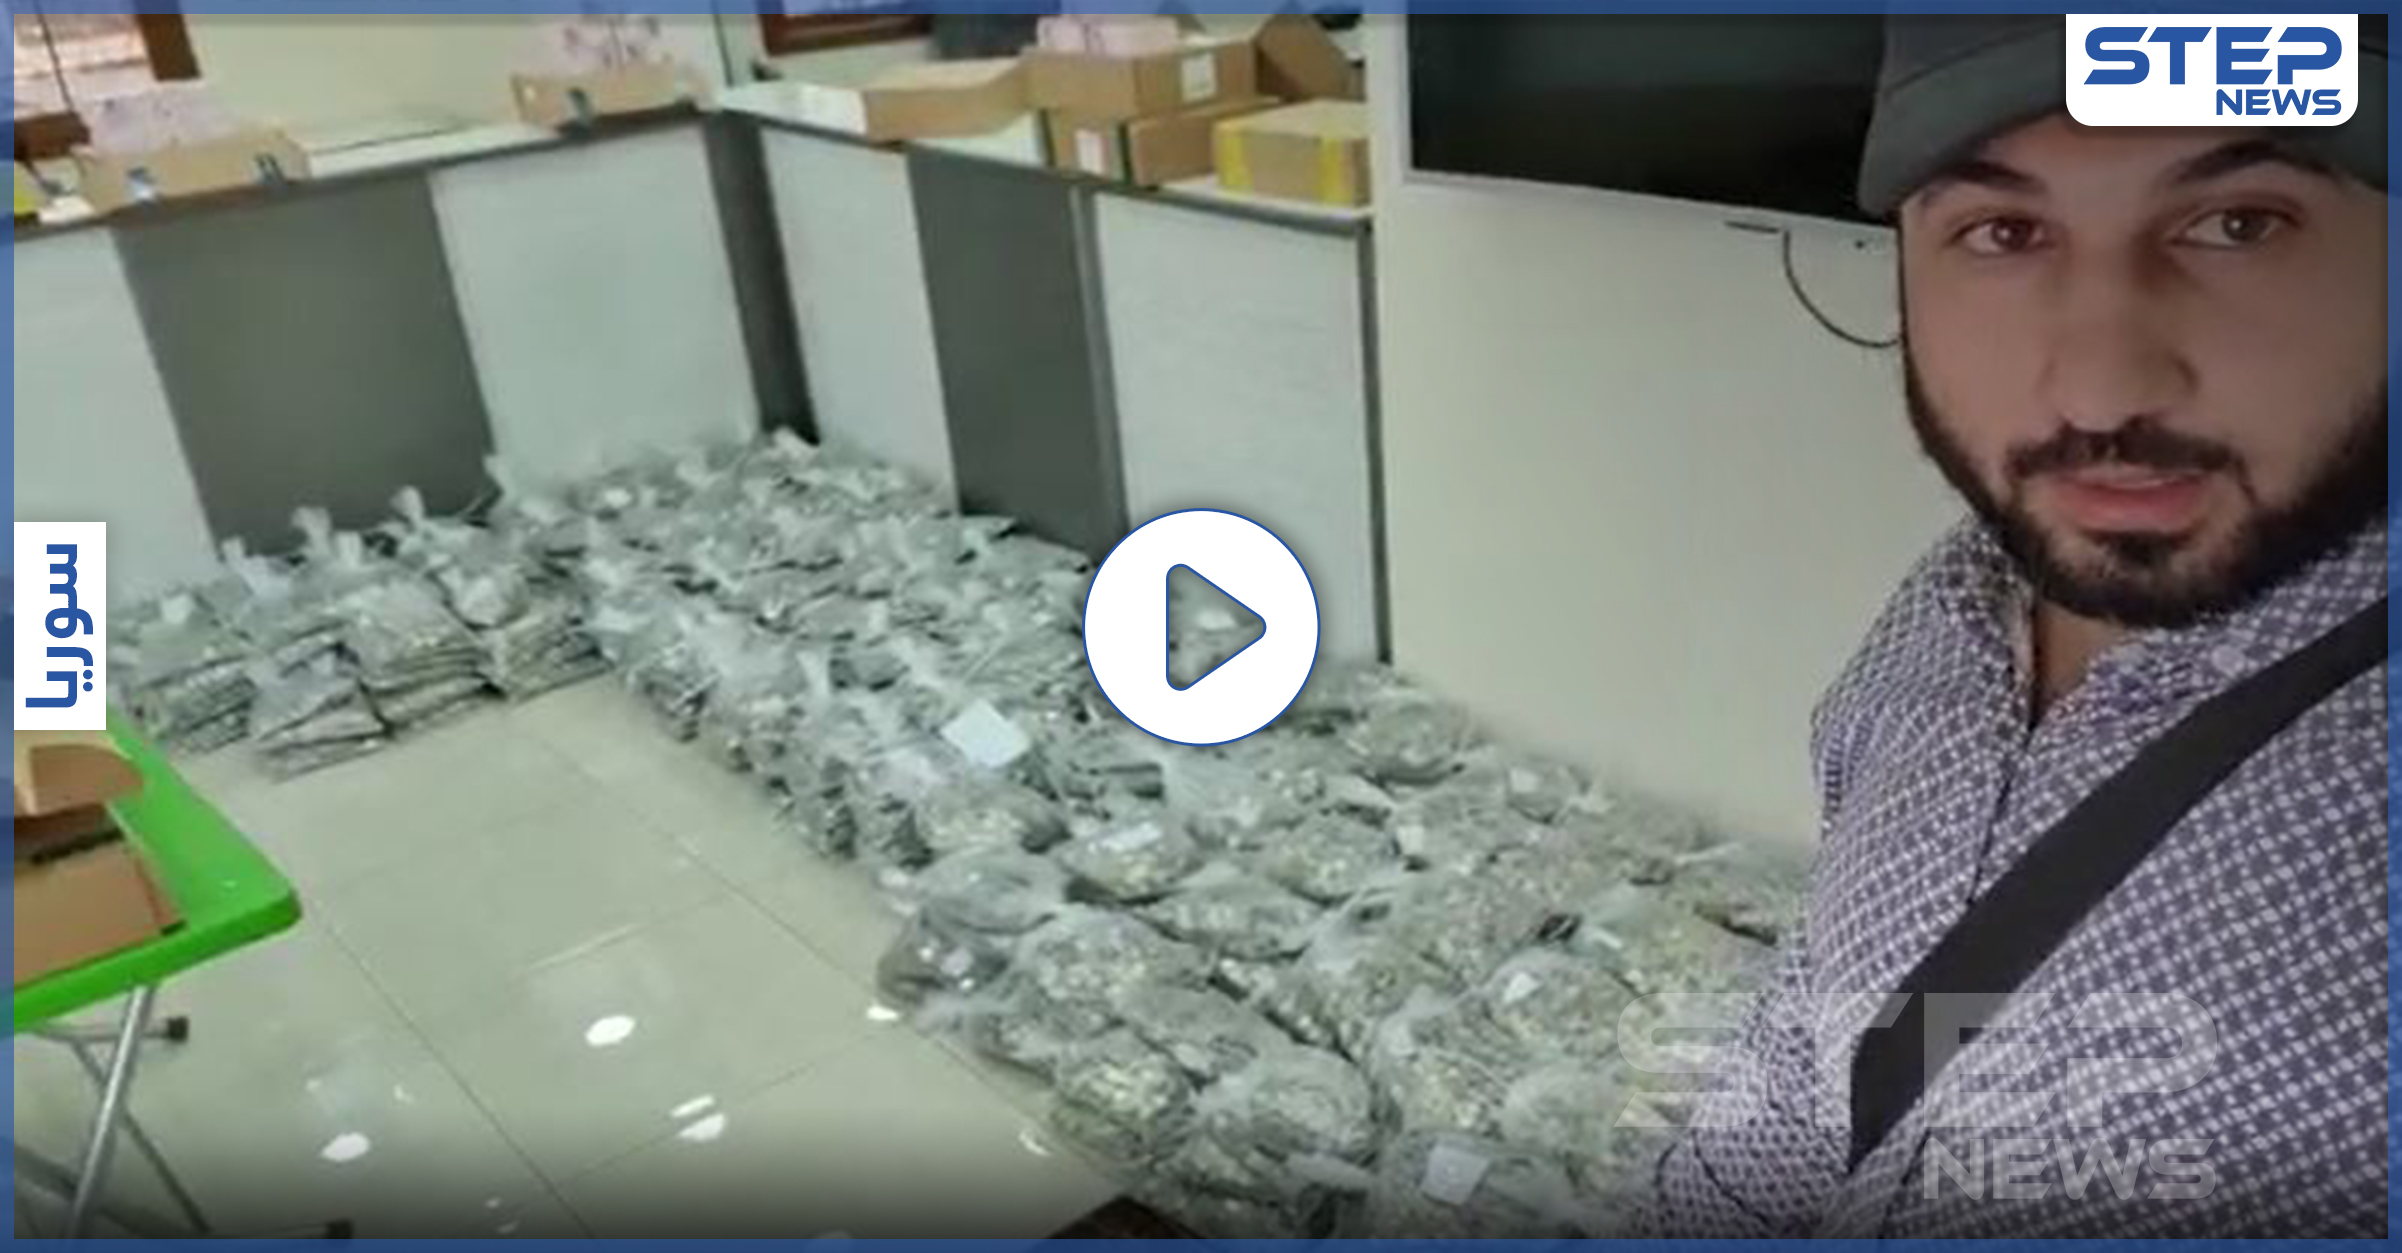 وتد للبترول تبيع المحروقات بـ الليرة التركية.. وكميات ضخمة من الأخيرة تصل بنك سرمدا (فيديو)